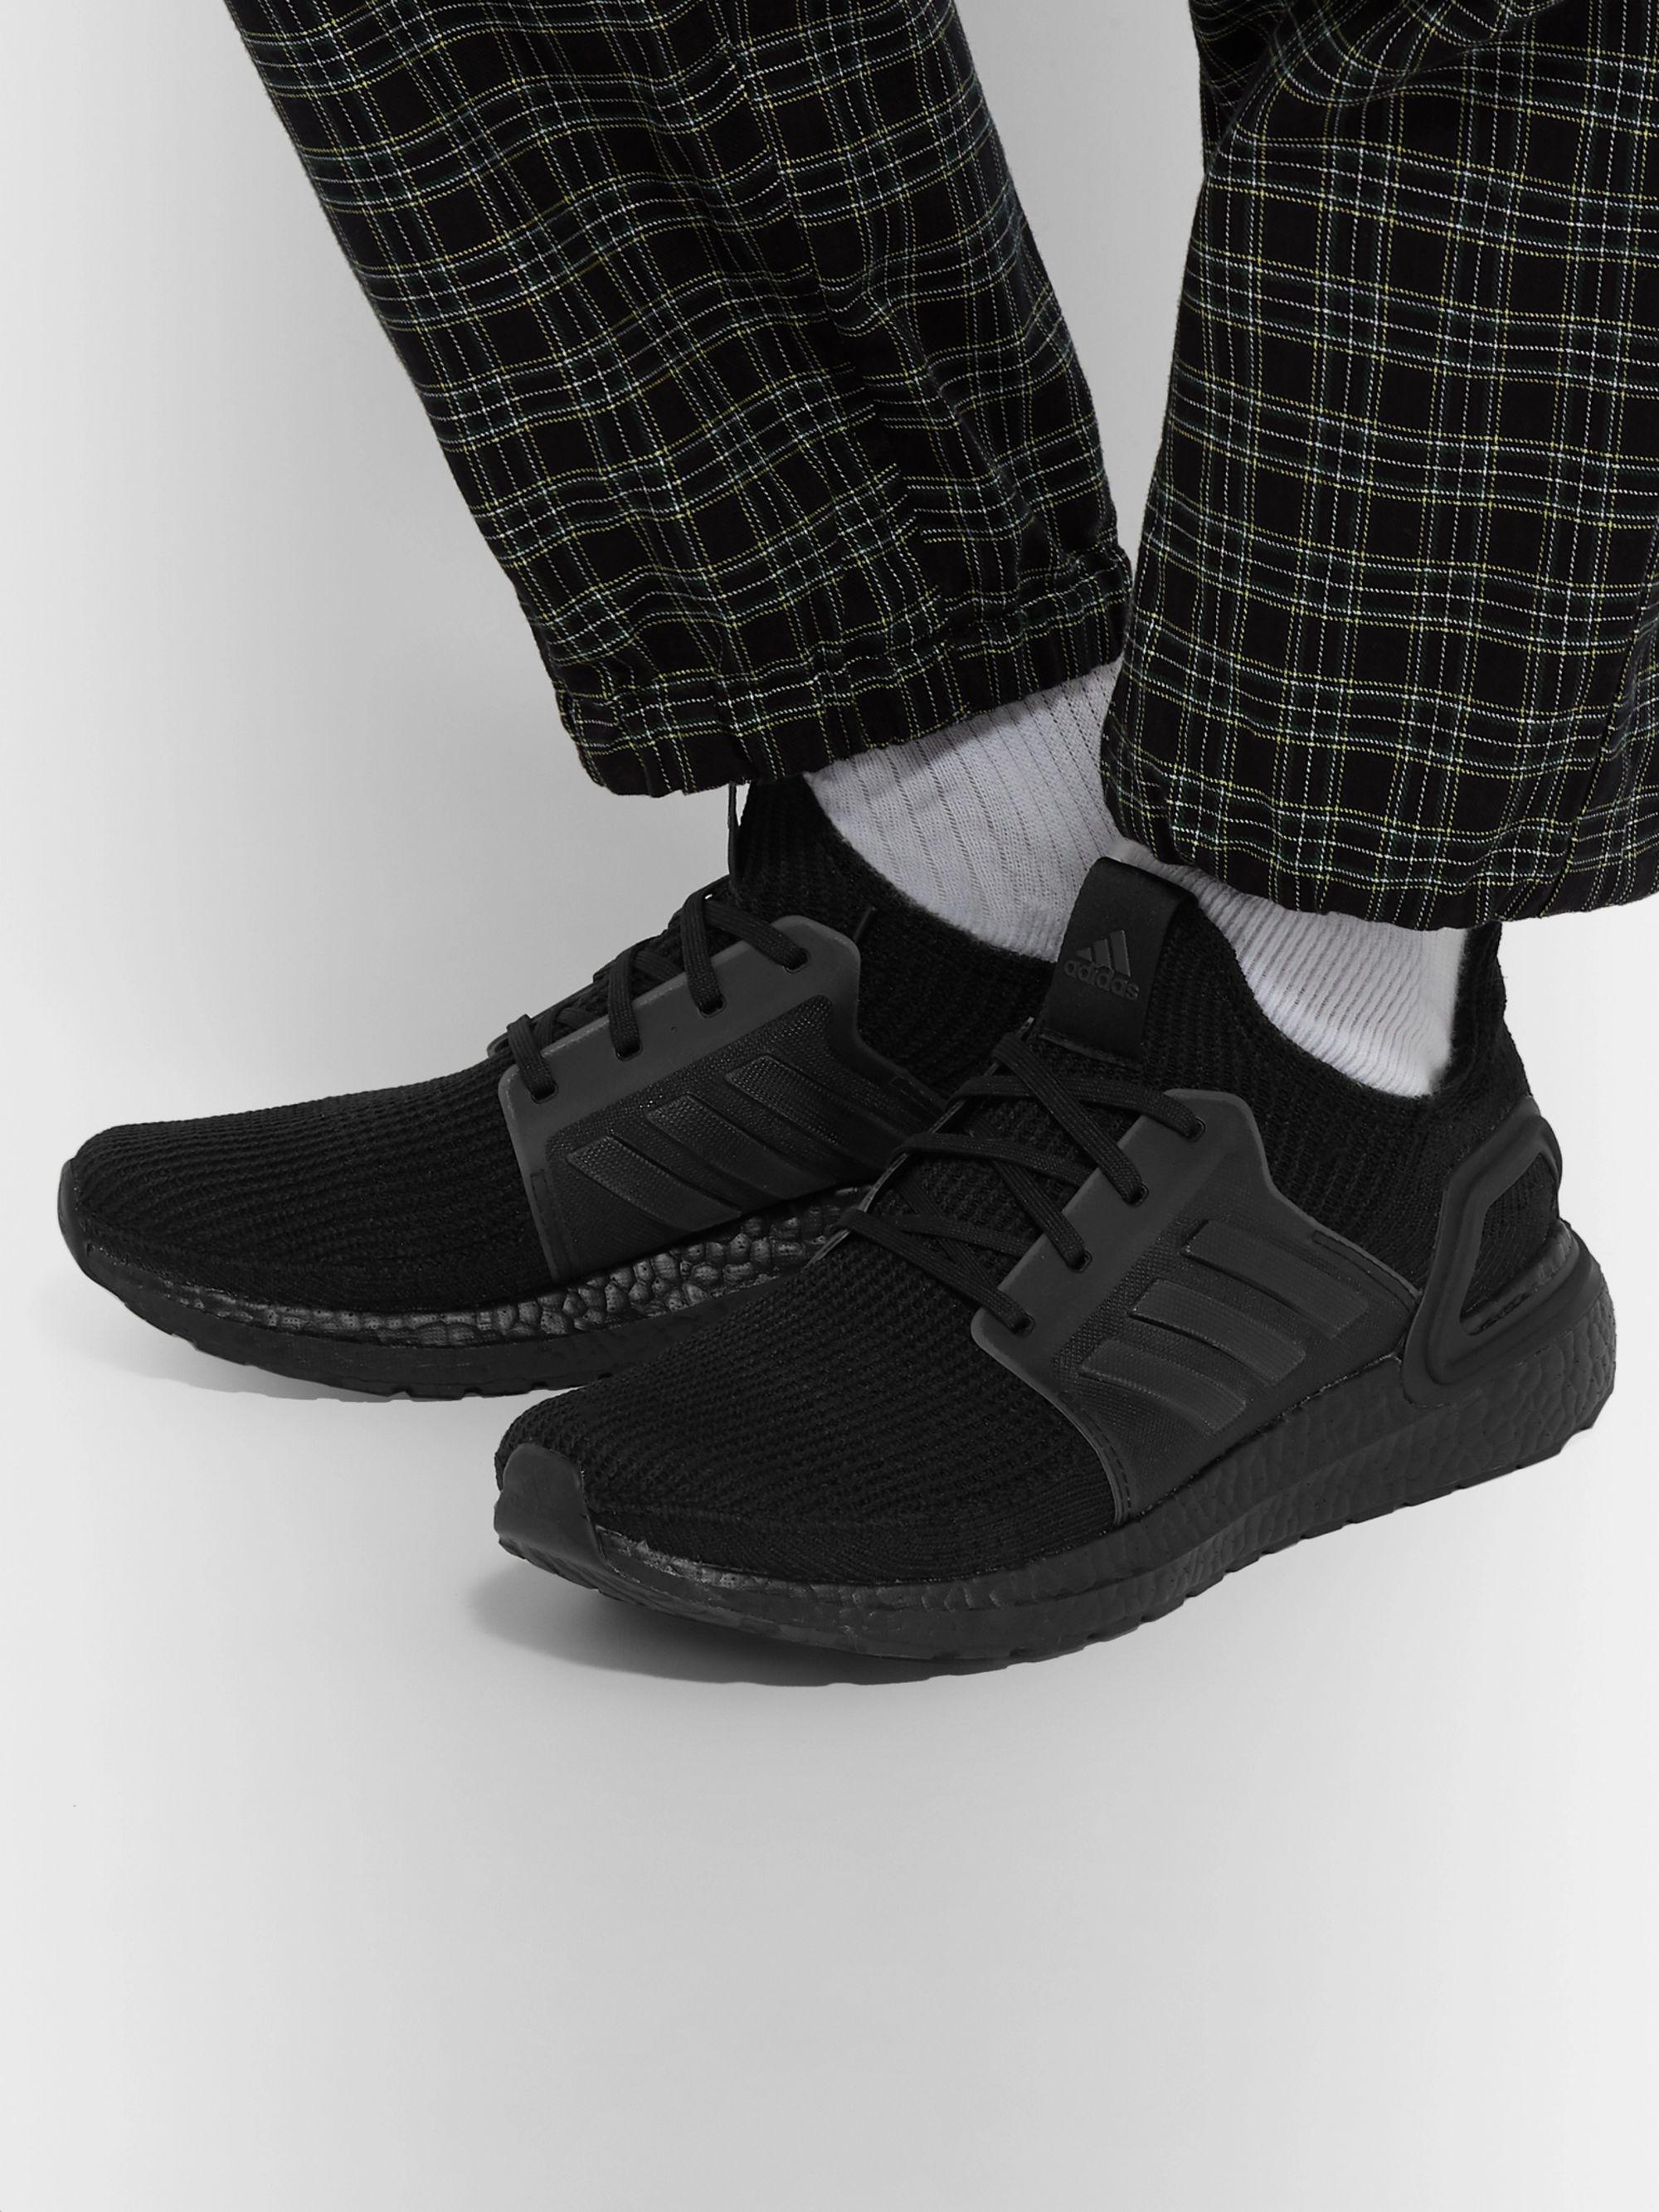 adidas Originals | MR PORTER